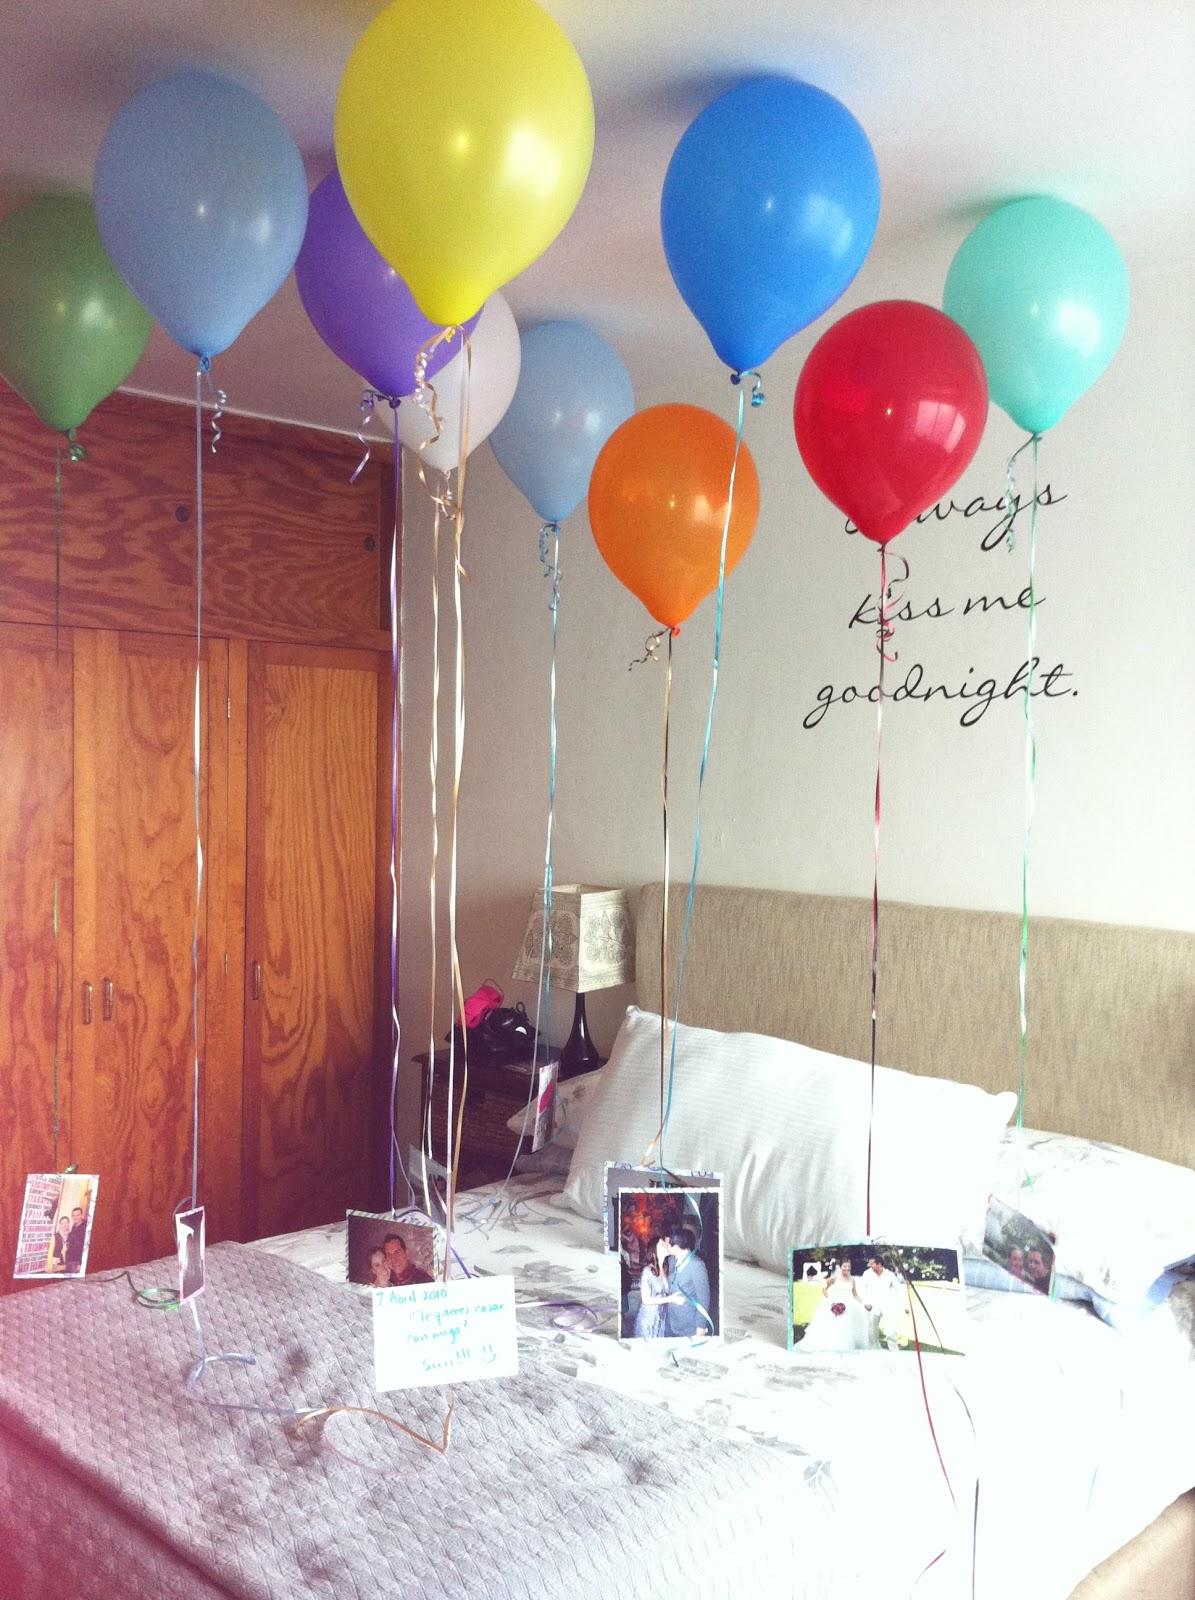 Alu curiosidades sorpresa de aniversario for Sorpresas para aniversario